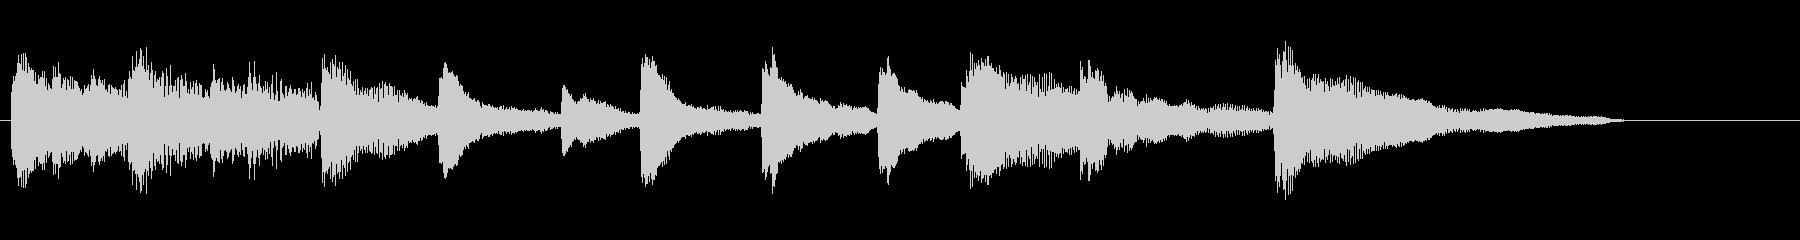 エレクトリックピアノのジングルの未再生の波形